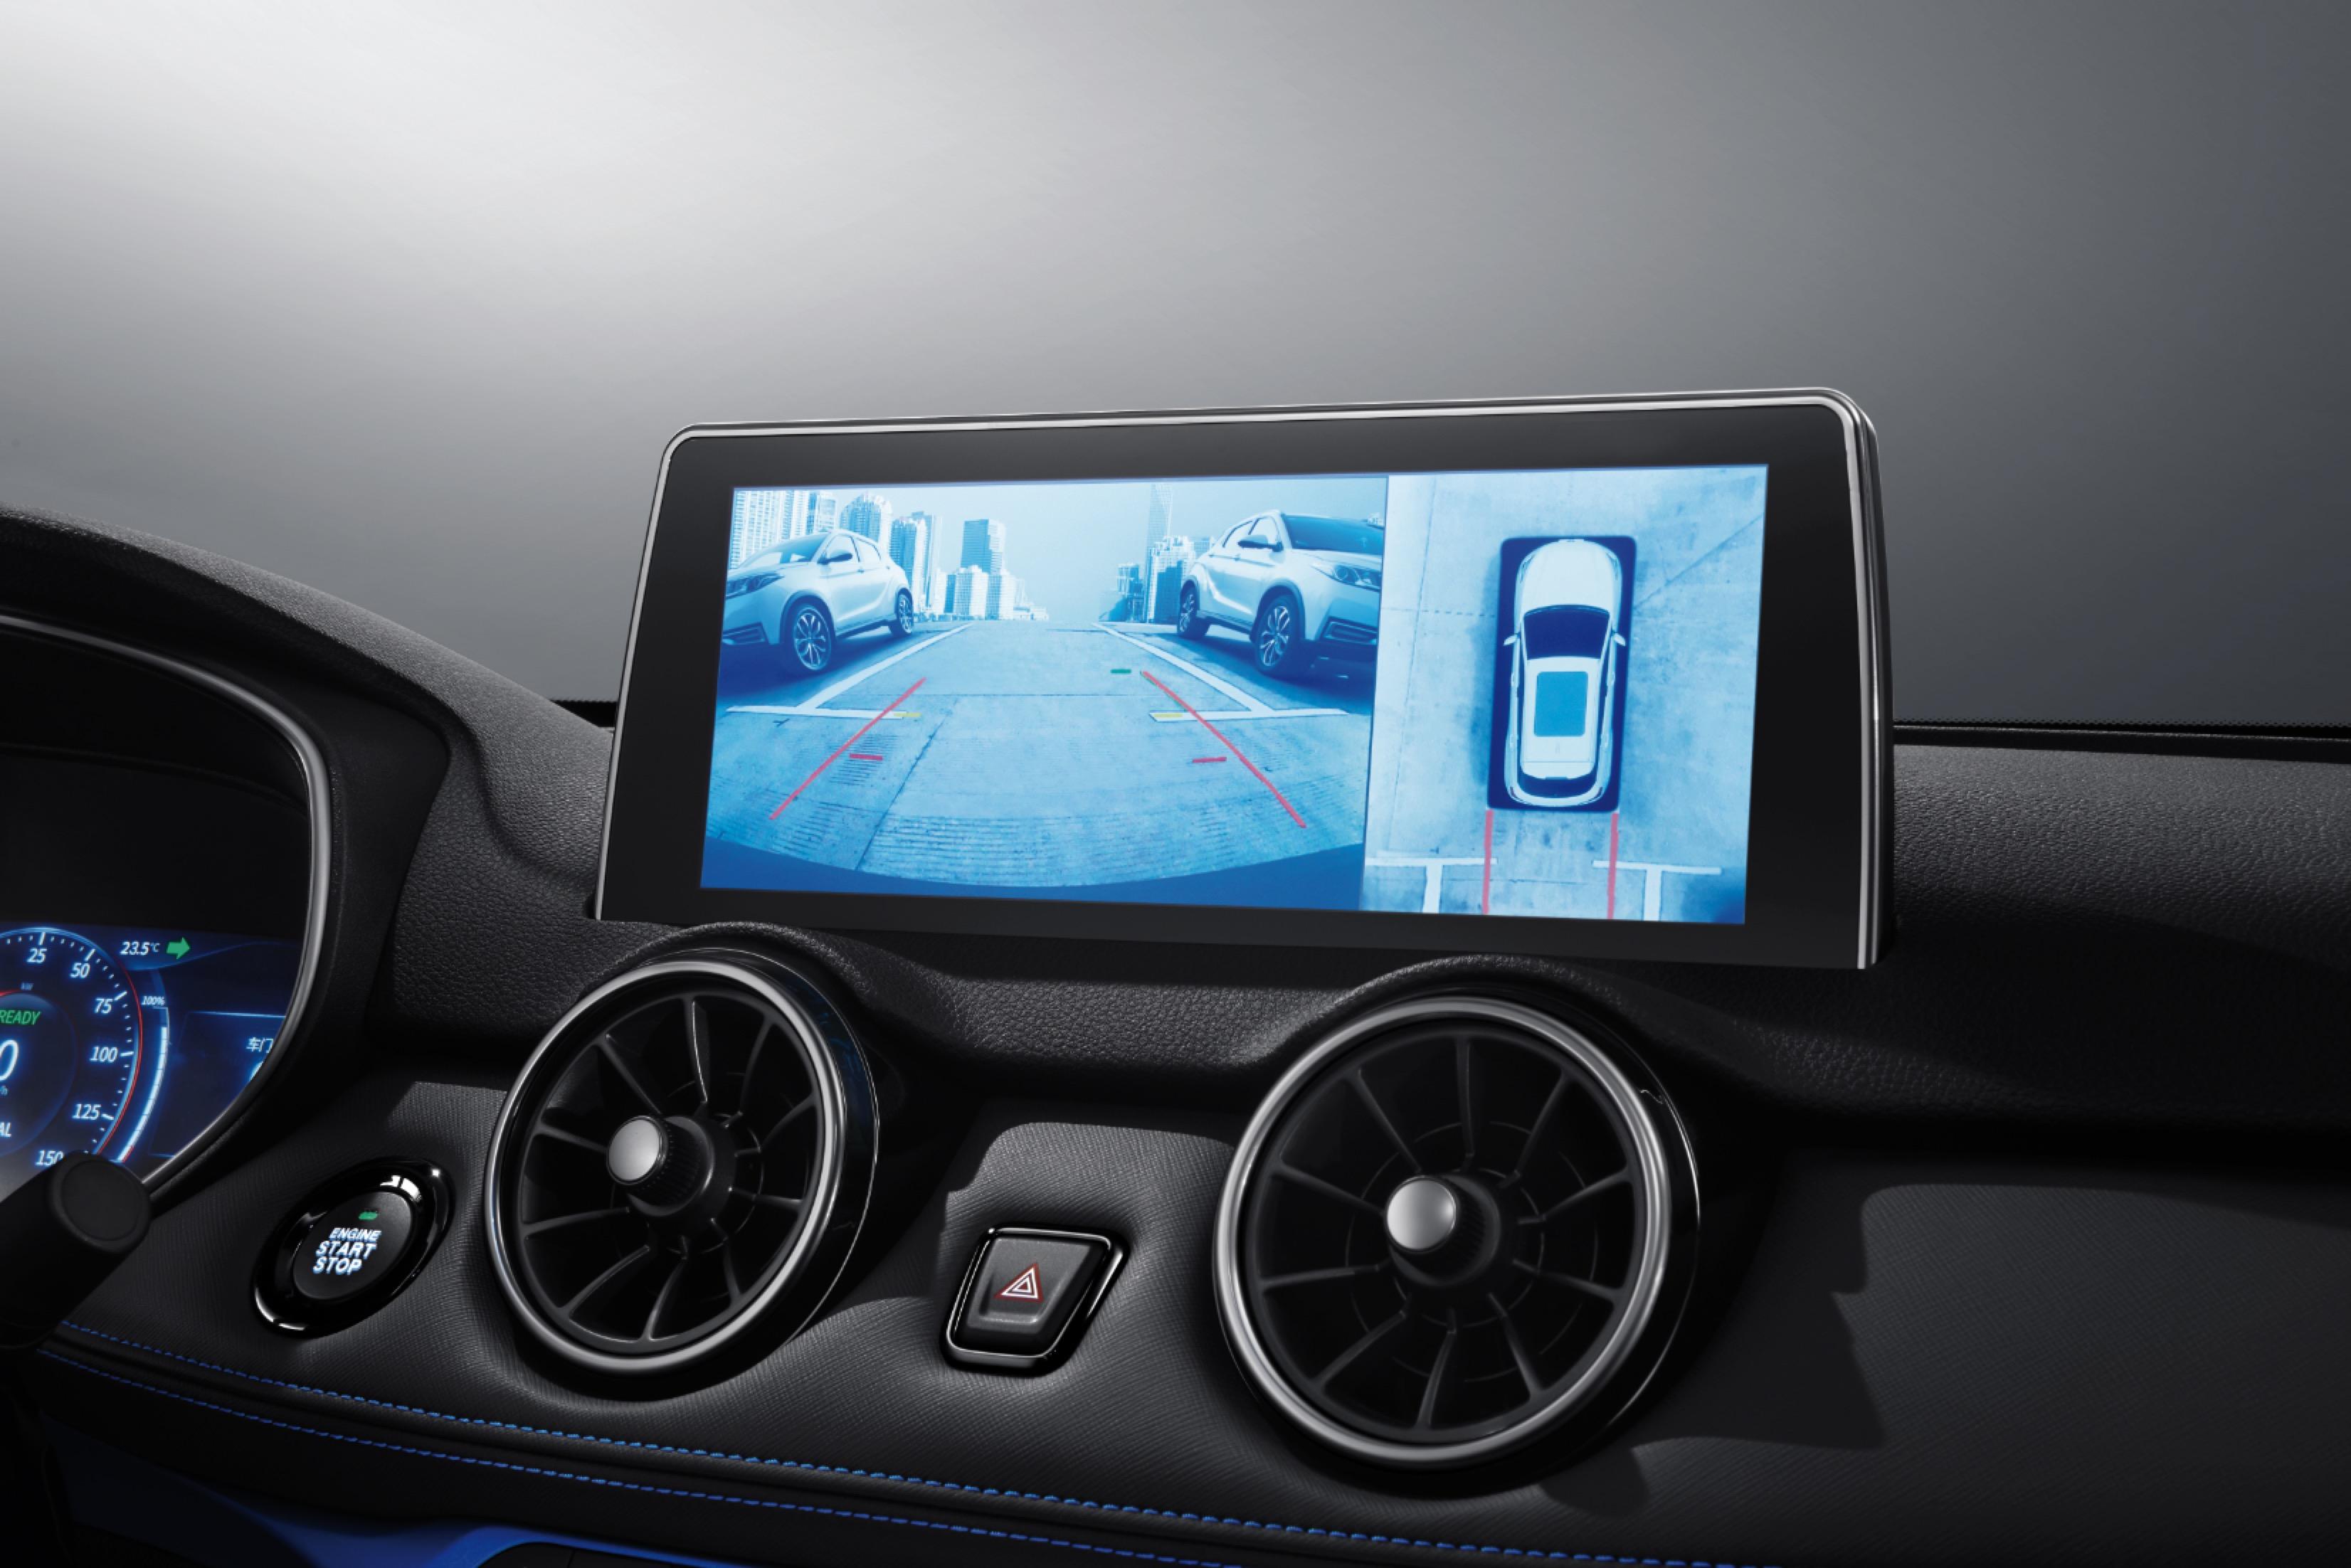 Pantalla Interior del Vehículo